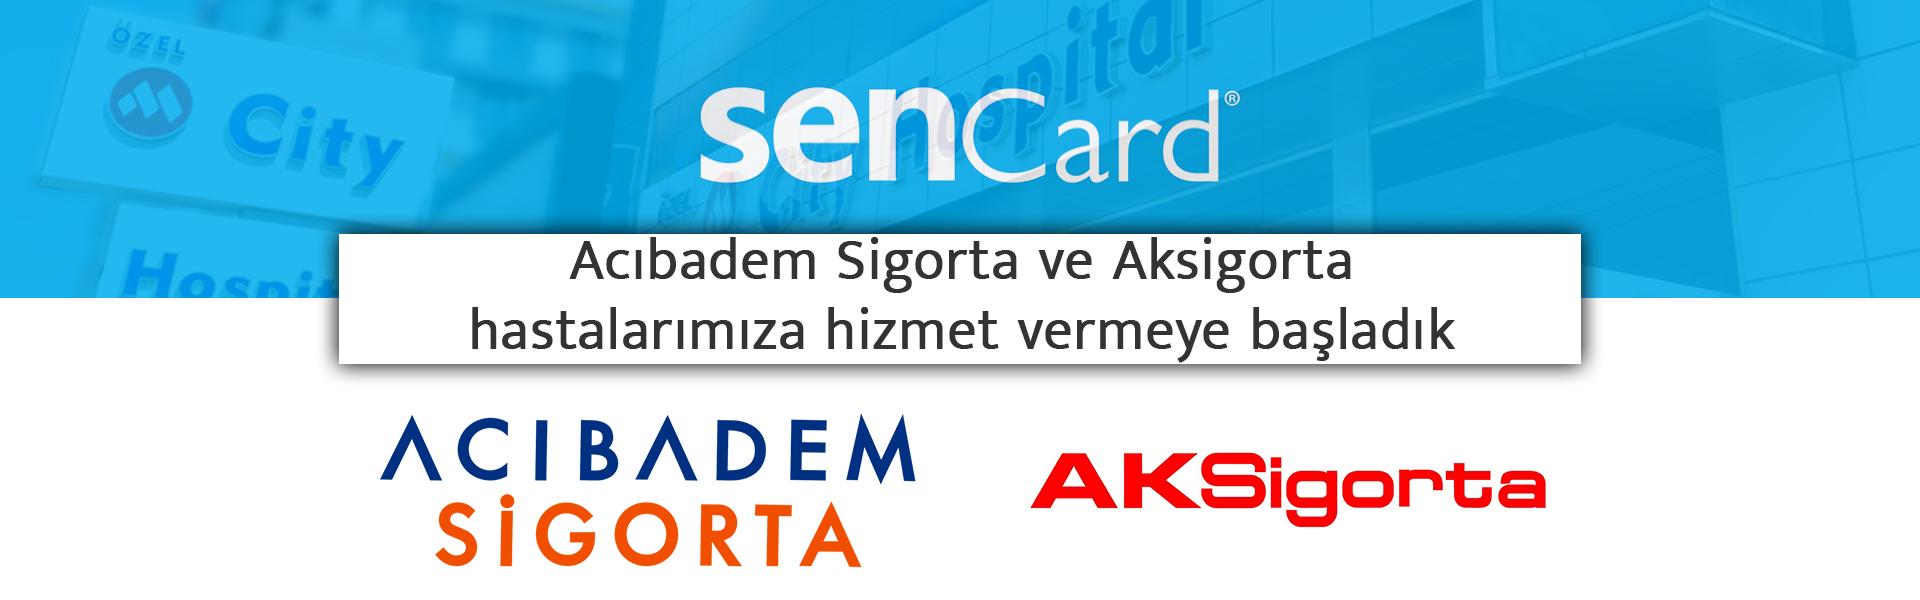 cityhospital-acıbademsigorta-aksigorta-sendcard